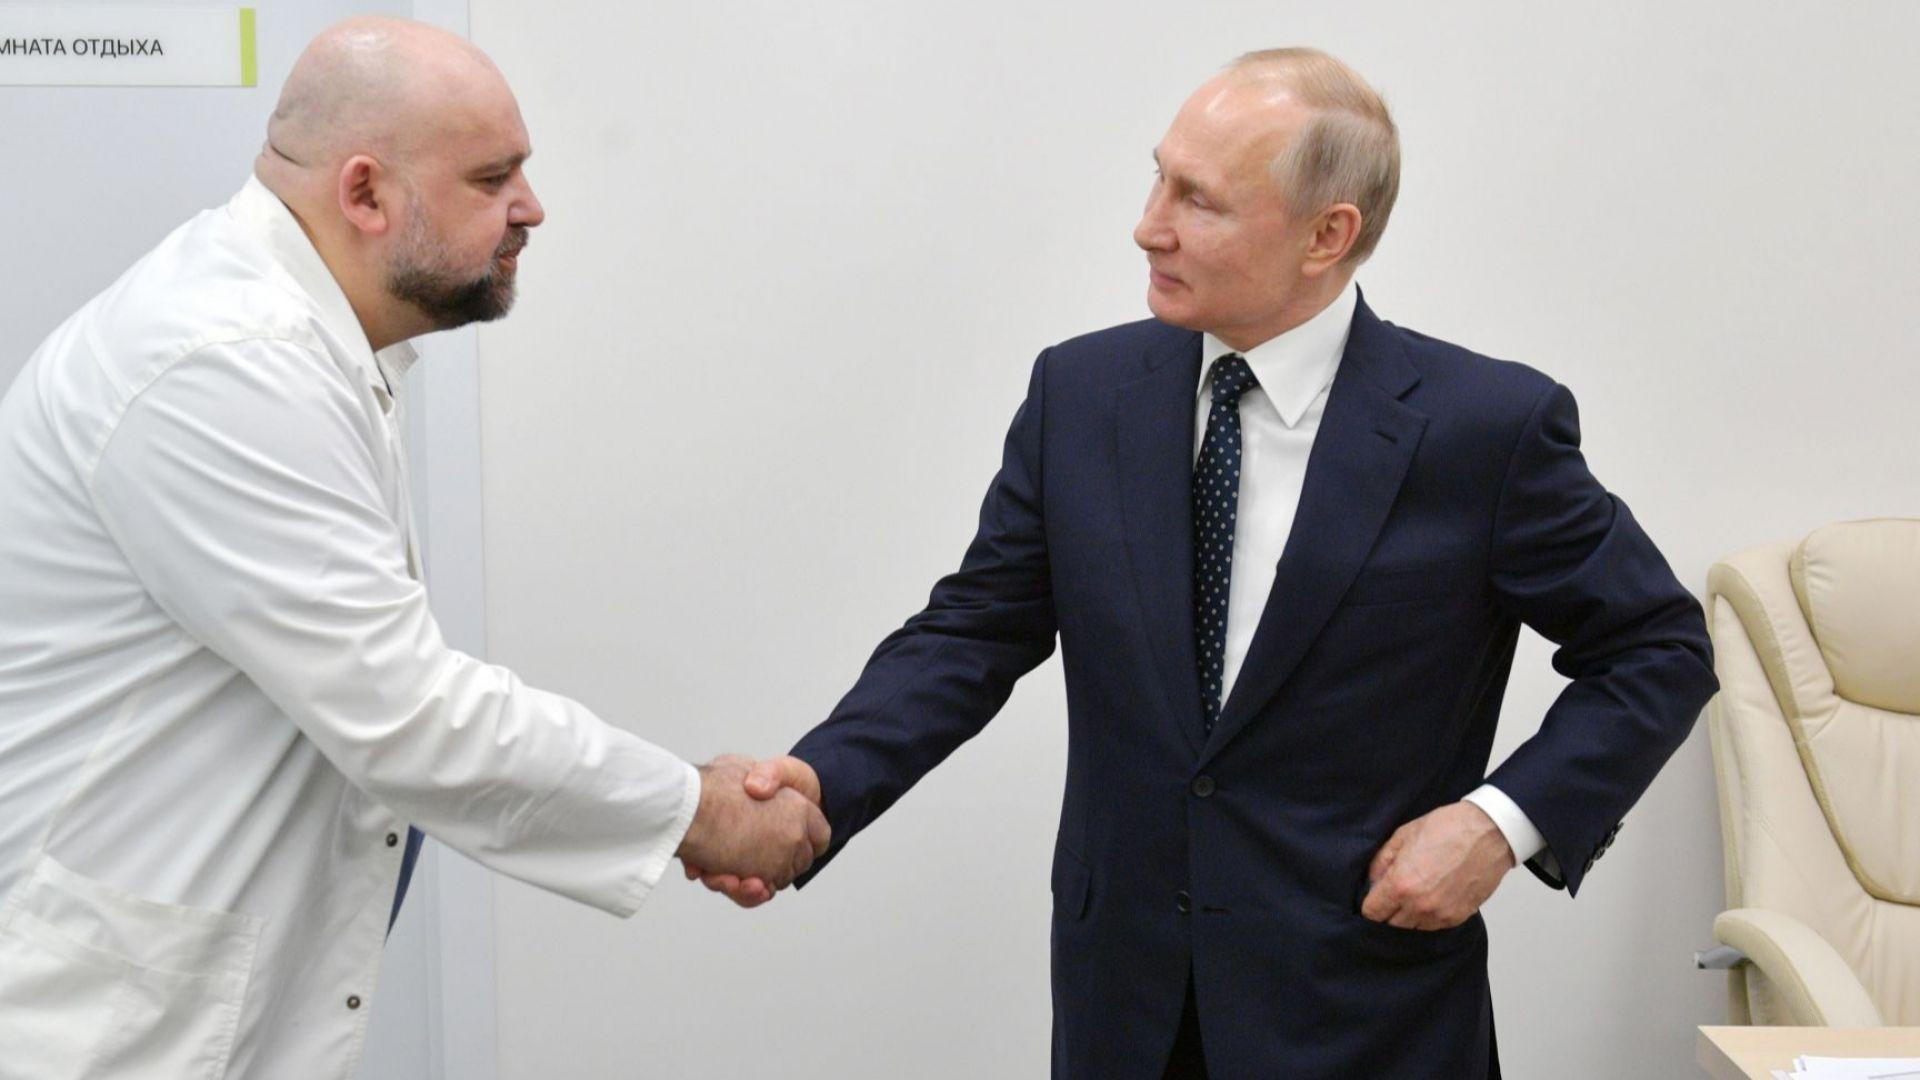 Лекарят, който миналата седмица е развеждал руския президент Владимир Путин